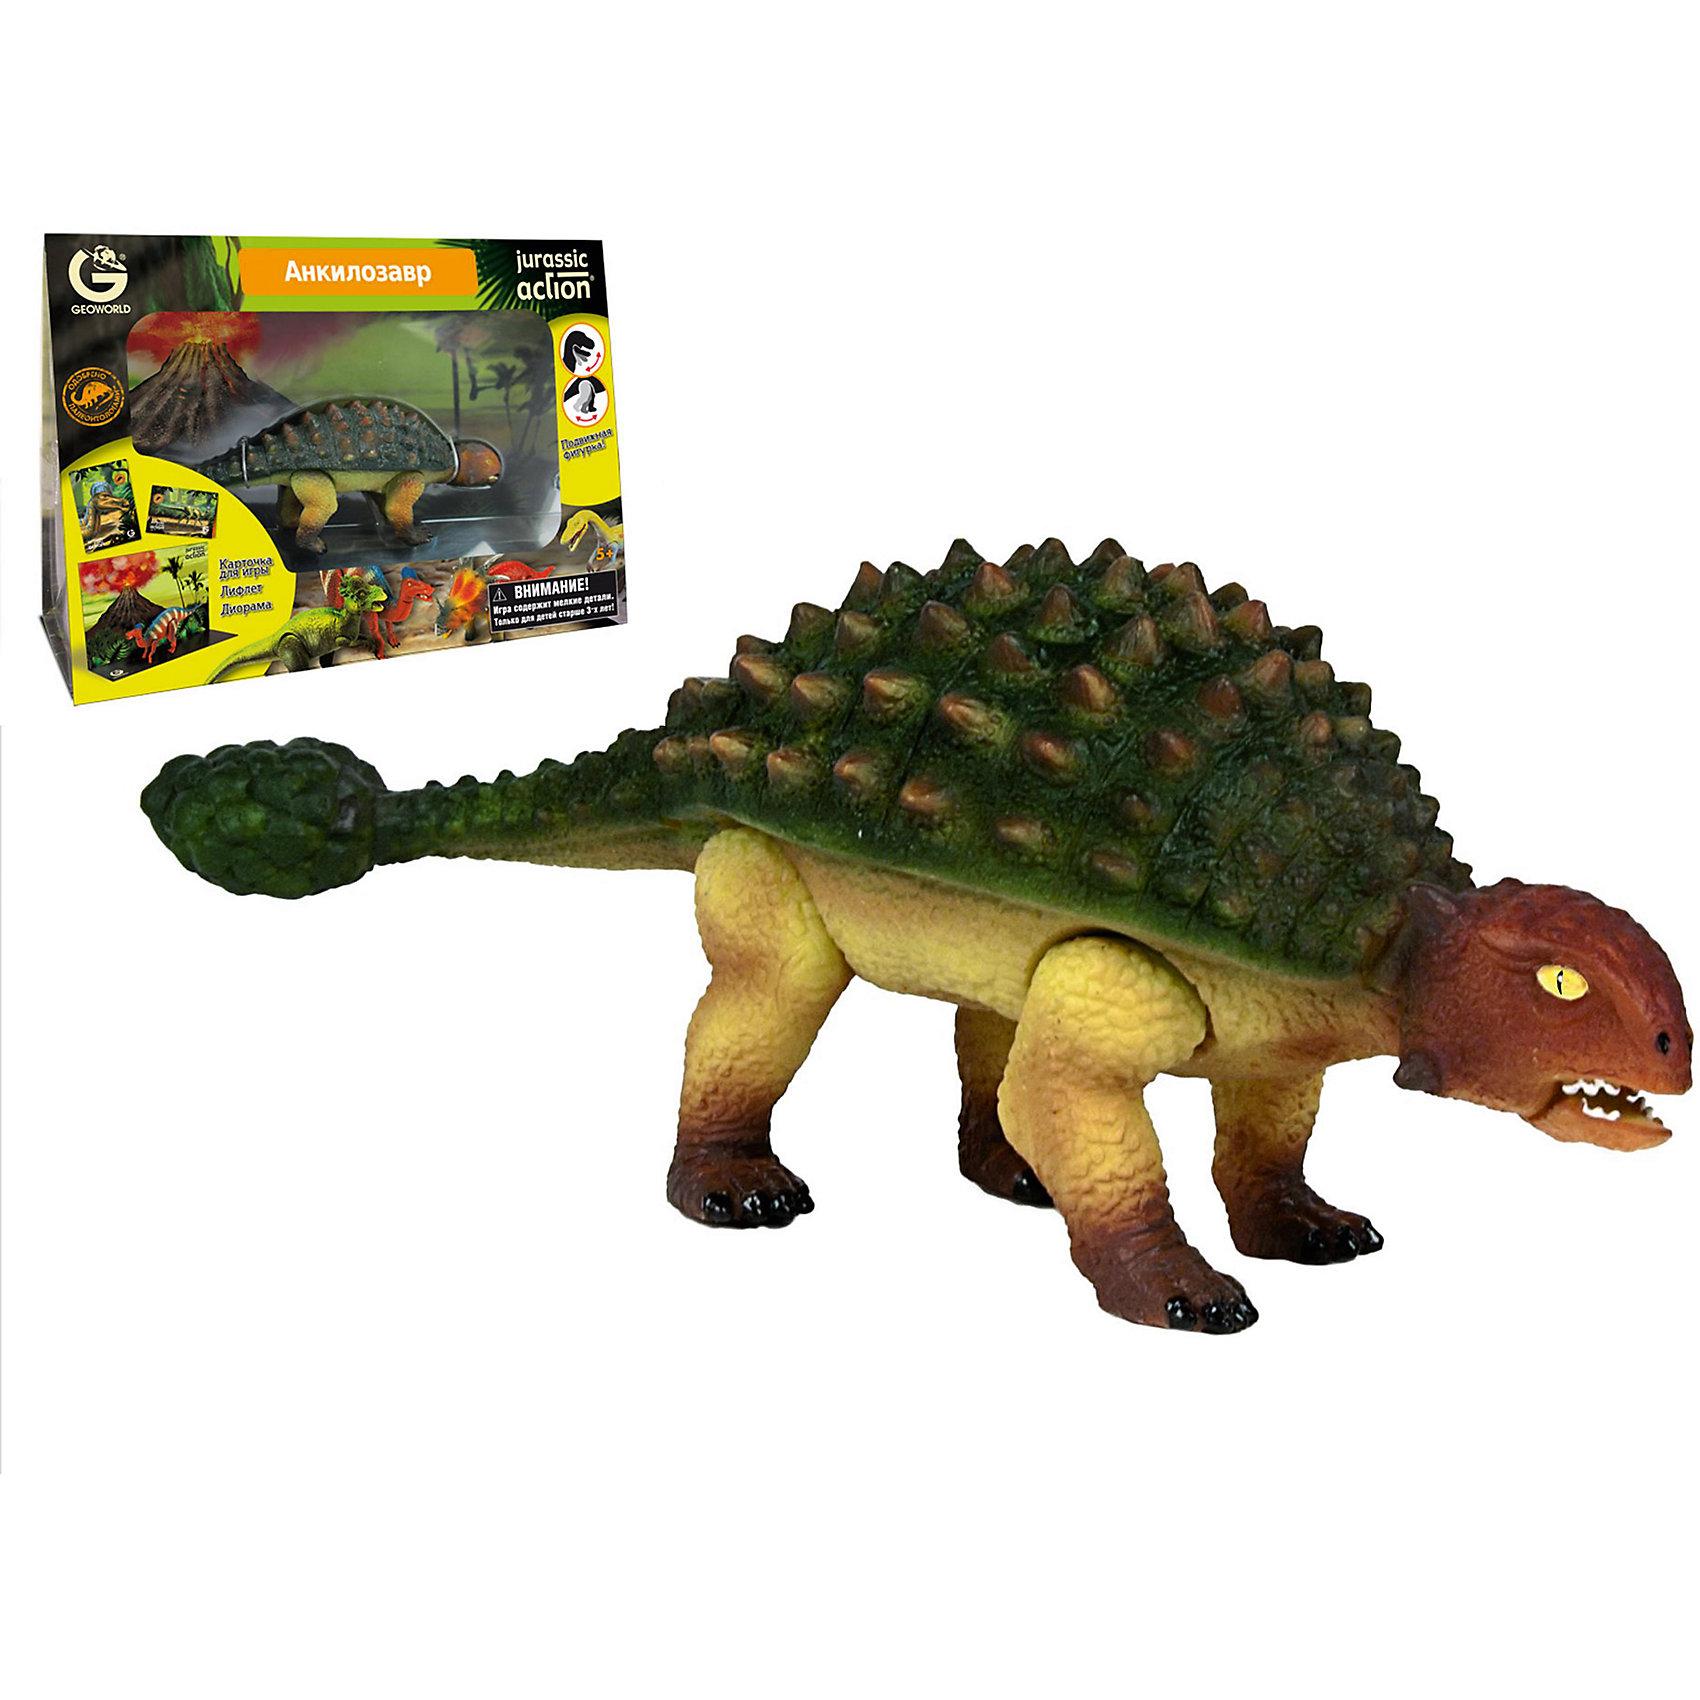 Динозавр Анкилозавр, коллекция Jurassic Action, GeoworldДраконы и динозавры<br>В данном наборе вы найдете реалистичную фигурку анкилозавра, которой можно менять положение лап и головы, а также карточку, описывающую свойства настоящего динозавра, послужившего прототипом фигурки. Из карточки можно узнать много интересной информации, а в дополнение к ней в коробке найдется и буклет, представляющий больше увлекательных фактов о древней рептилии. Фигурка входит в серию Jurassic Action, состоящей из 24 фигурок. Соберите их все!<br>В наборе найдется и диорама, складывающаяся из коробки и показывающая доисторический ландшафт, по которому мог бы гулять анкилозавр.<br>Наборы Geoworld разрабатываются под тщательным руководством ученых-палеонтологов, поэтому, покупая игрушку этого бренда, вы можете быть уверены, что приобретаете качественную вещь с самой точной сопровождающей ее научной информацией.<br><br>Ширина мм: 230<br>Глубина мм: 110<br>Высота мм: 330<br>Вес г: 348<br>Возраст от месяцев: 60<br>Возраст до месяцев: 108<br>Пол: Унисекс<br>Возраст: Детский<br>SKU: 5418999